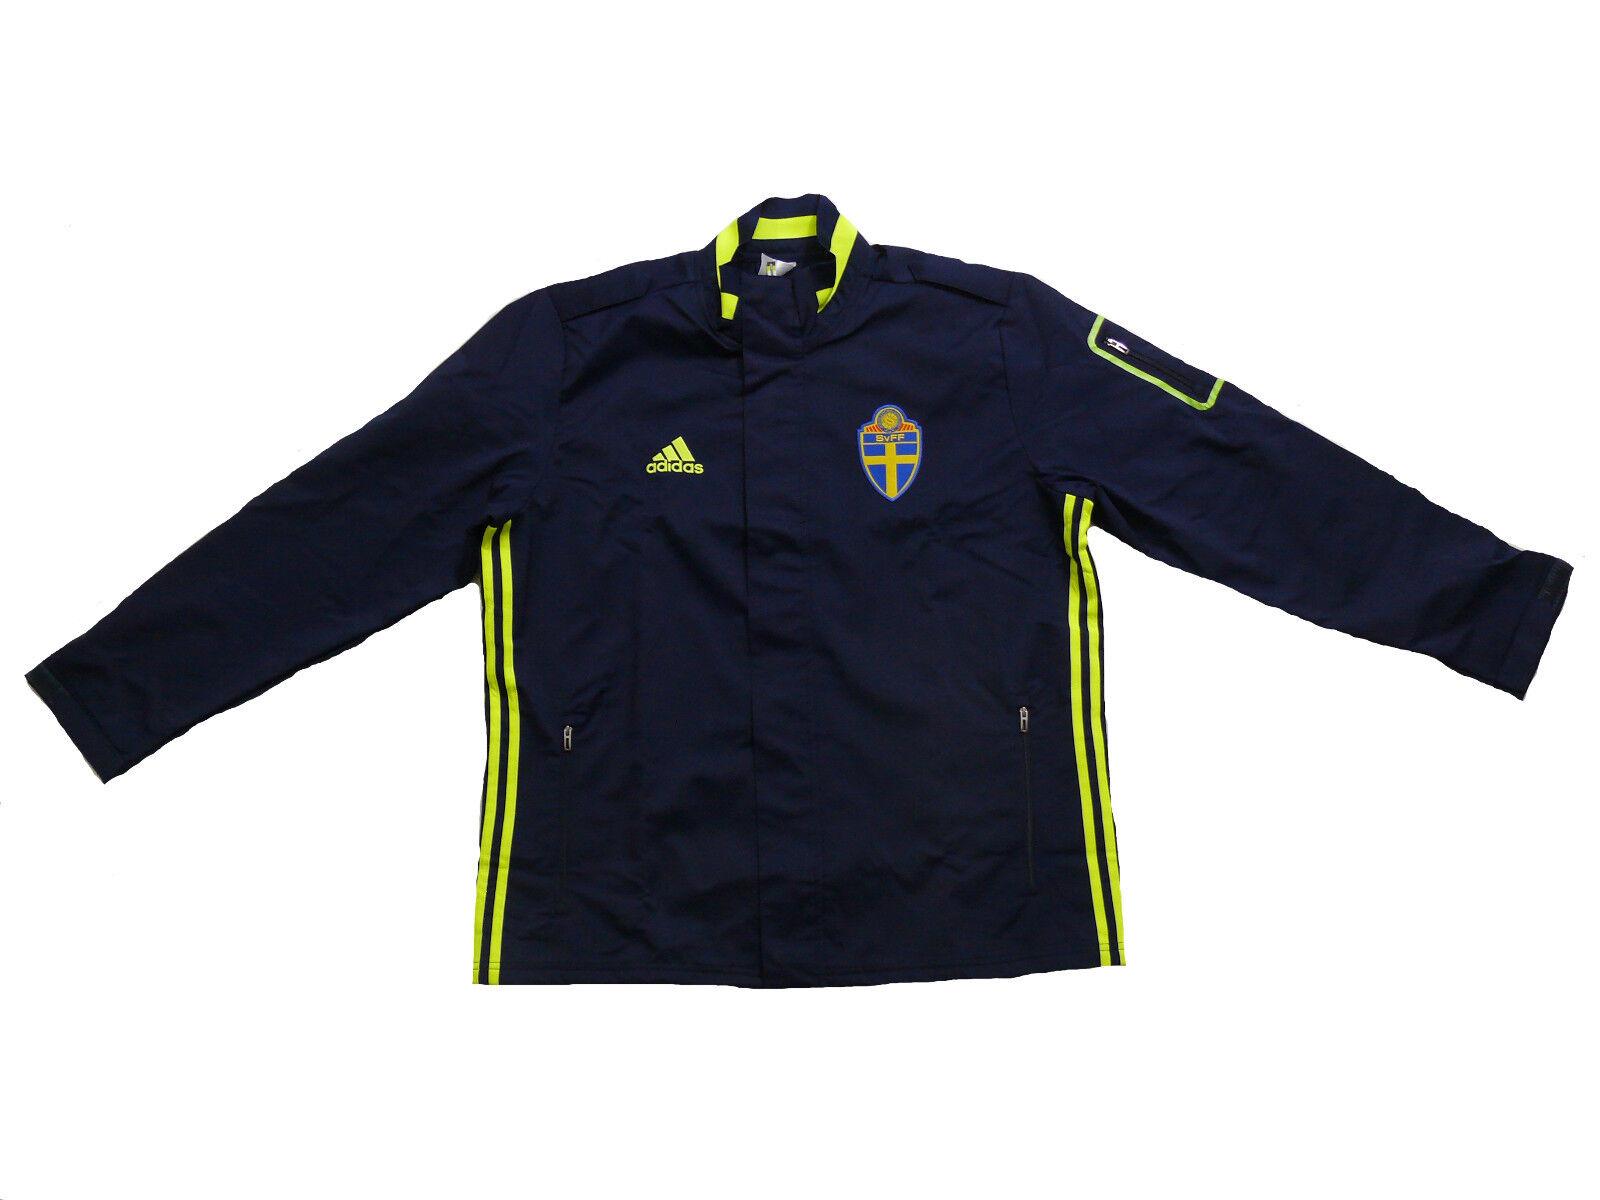 72766844279 Adidas Chaqueta men Viaje Team Chaqueta size XXL Suecia vnvyoh4248-Otros